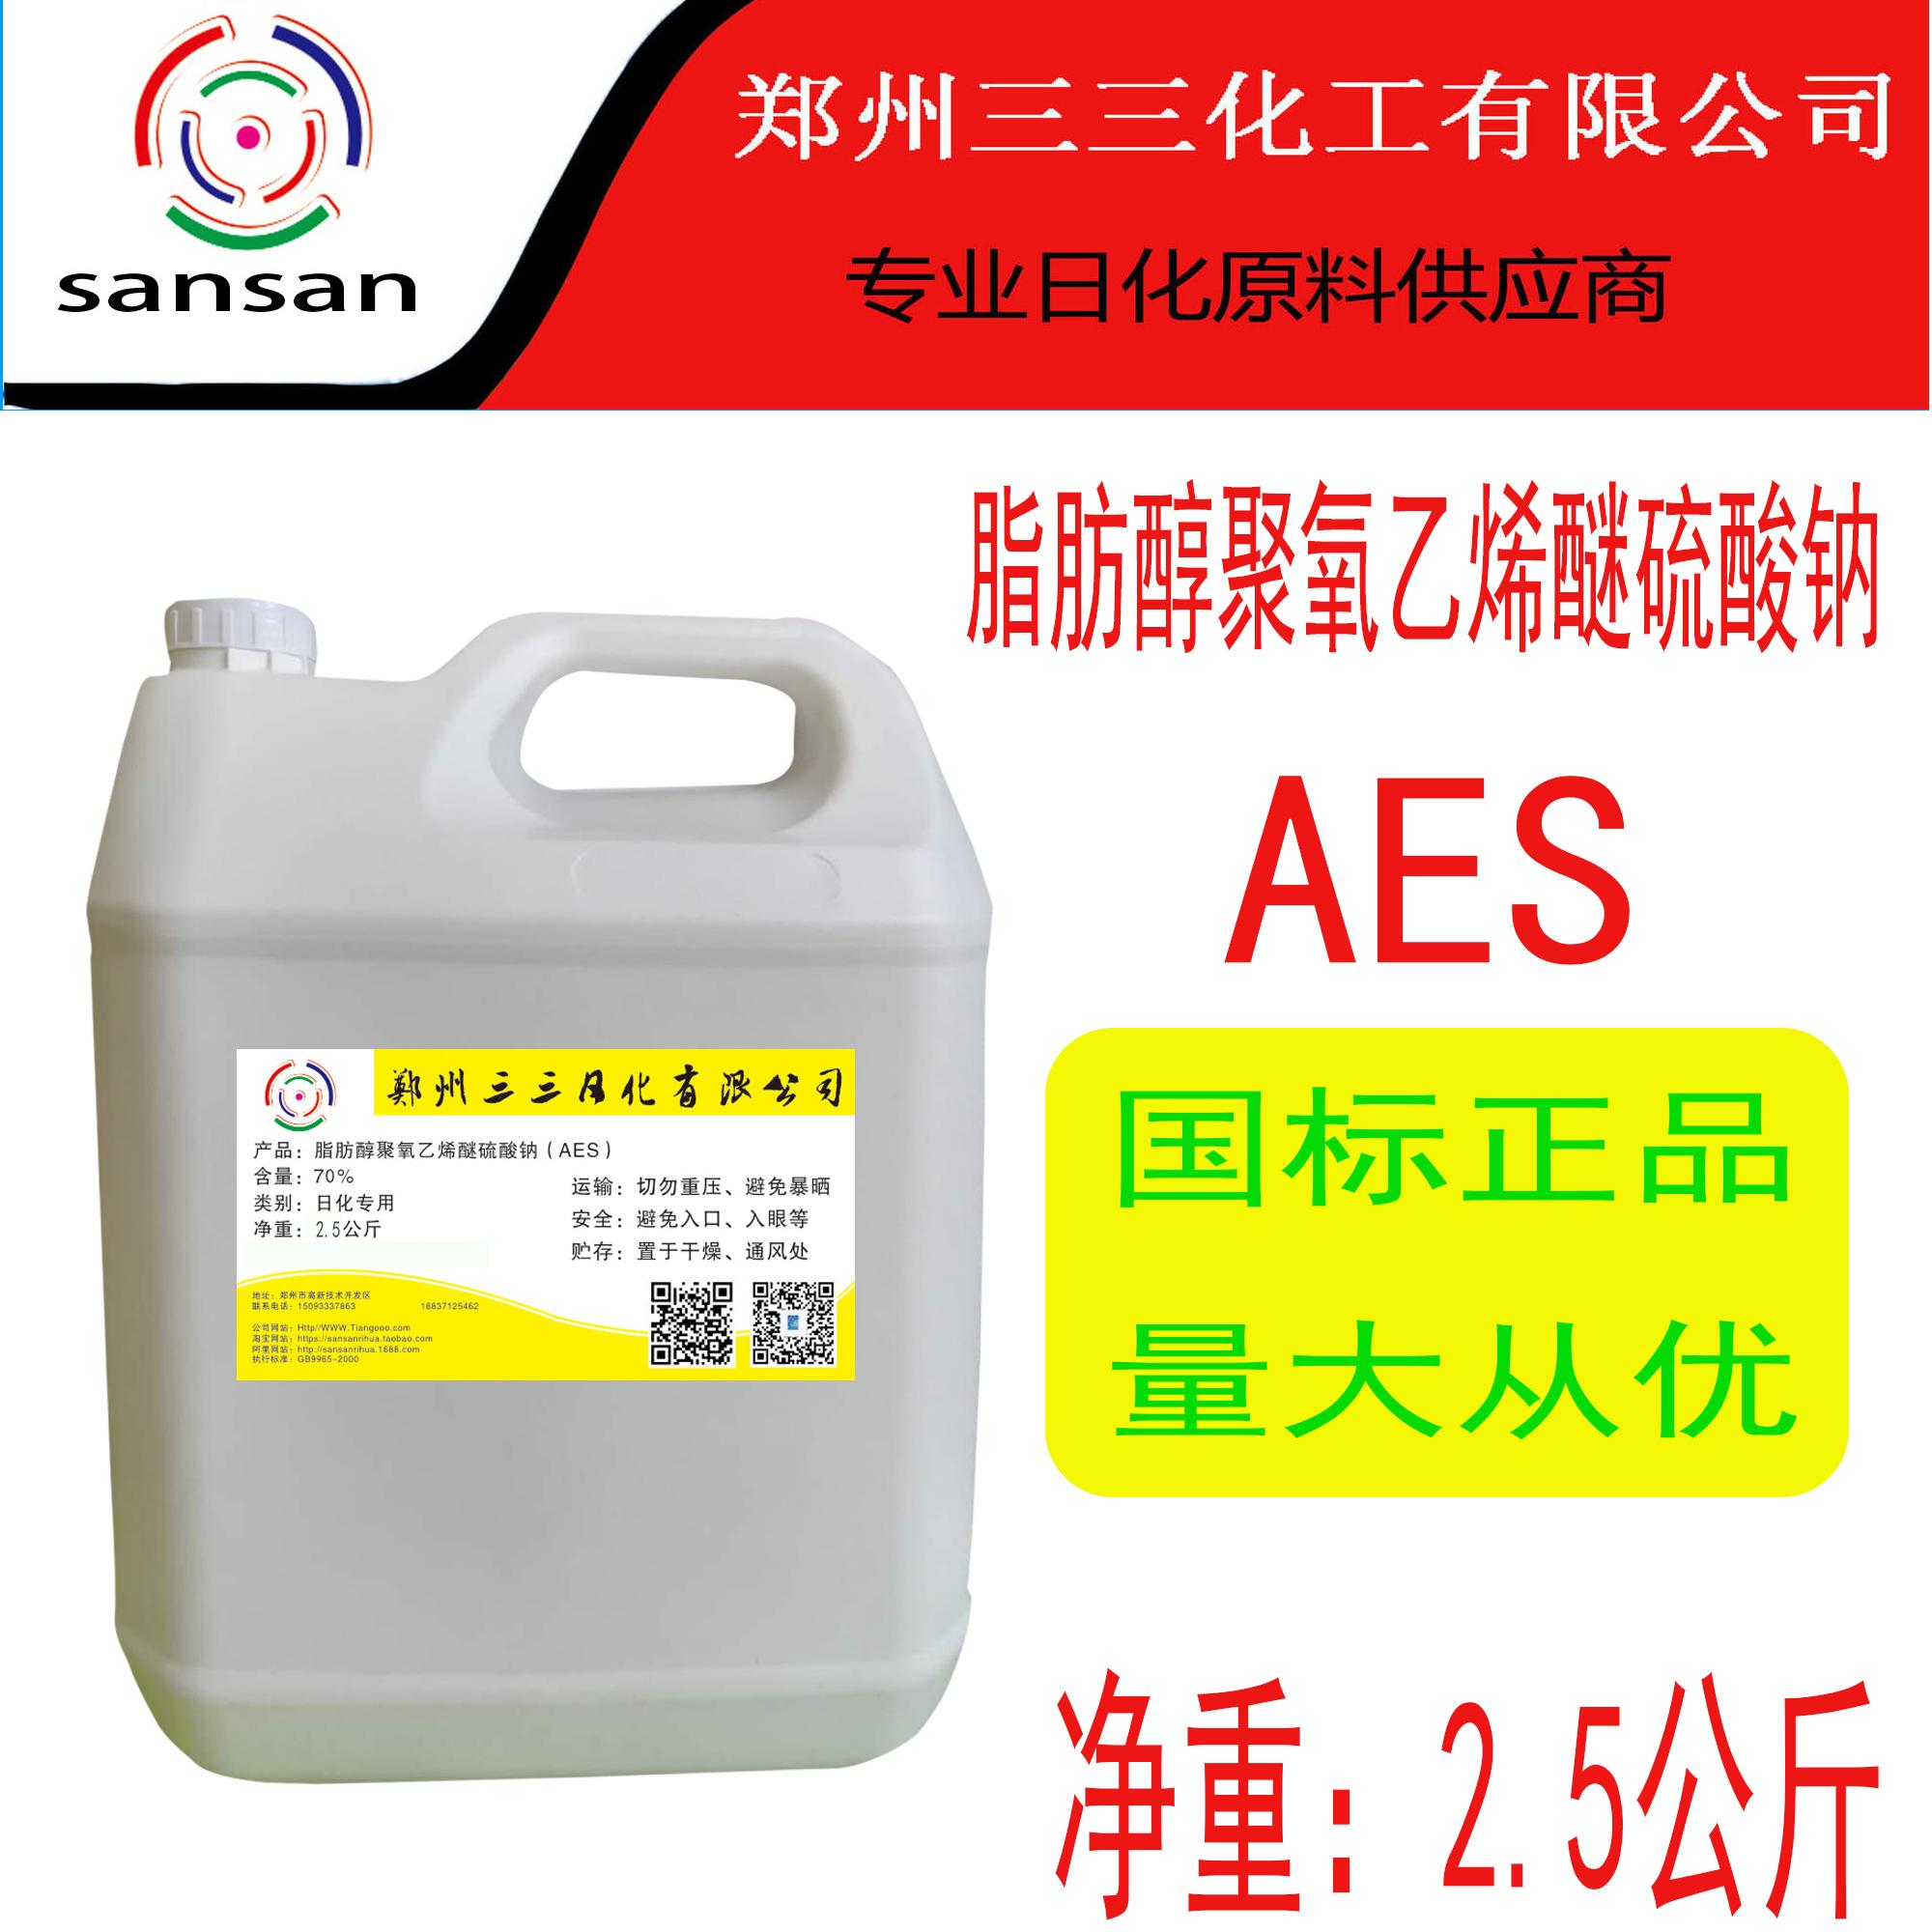 洁浪aes表面活性剂70%洗洁精原料脂肪醇聚硫酸钠样品试验5斤包邮